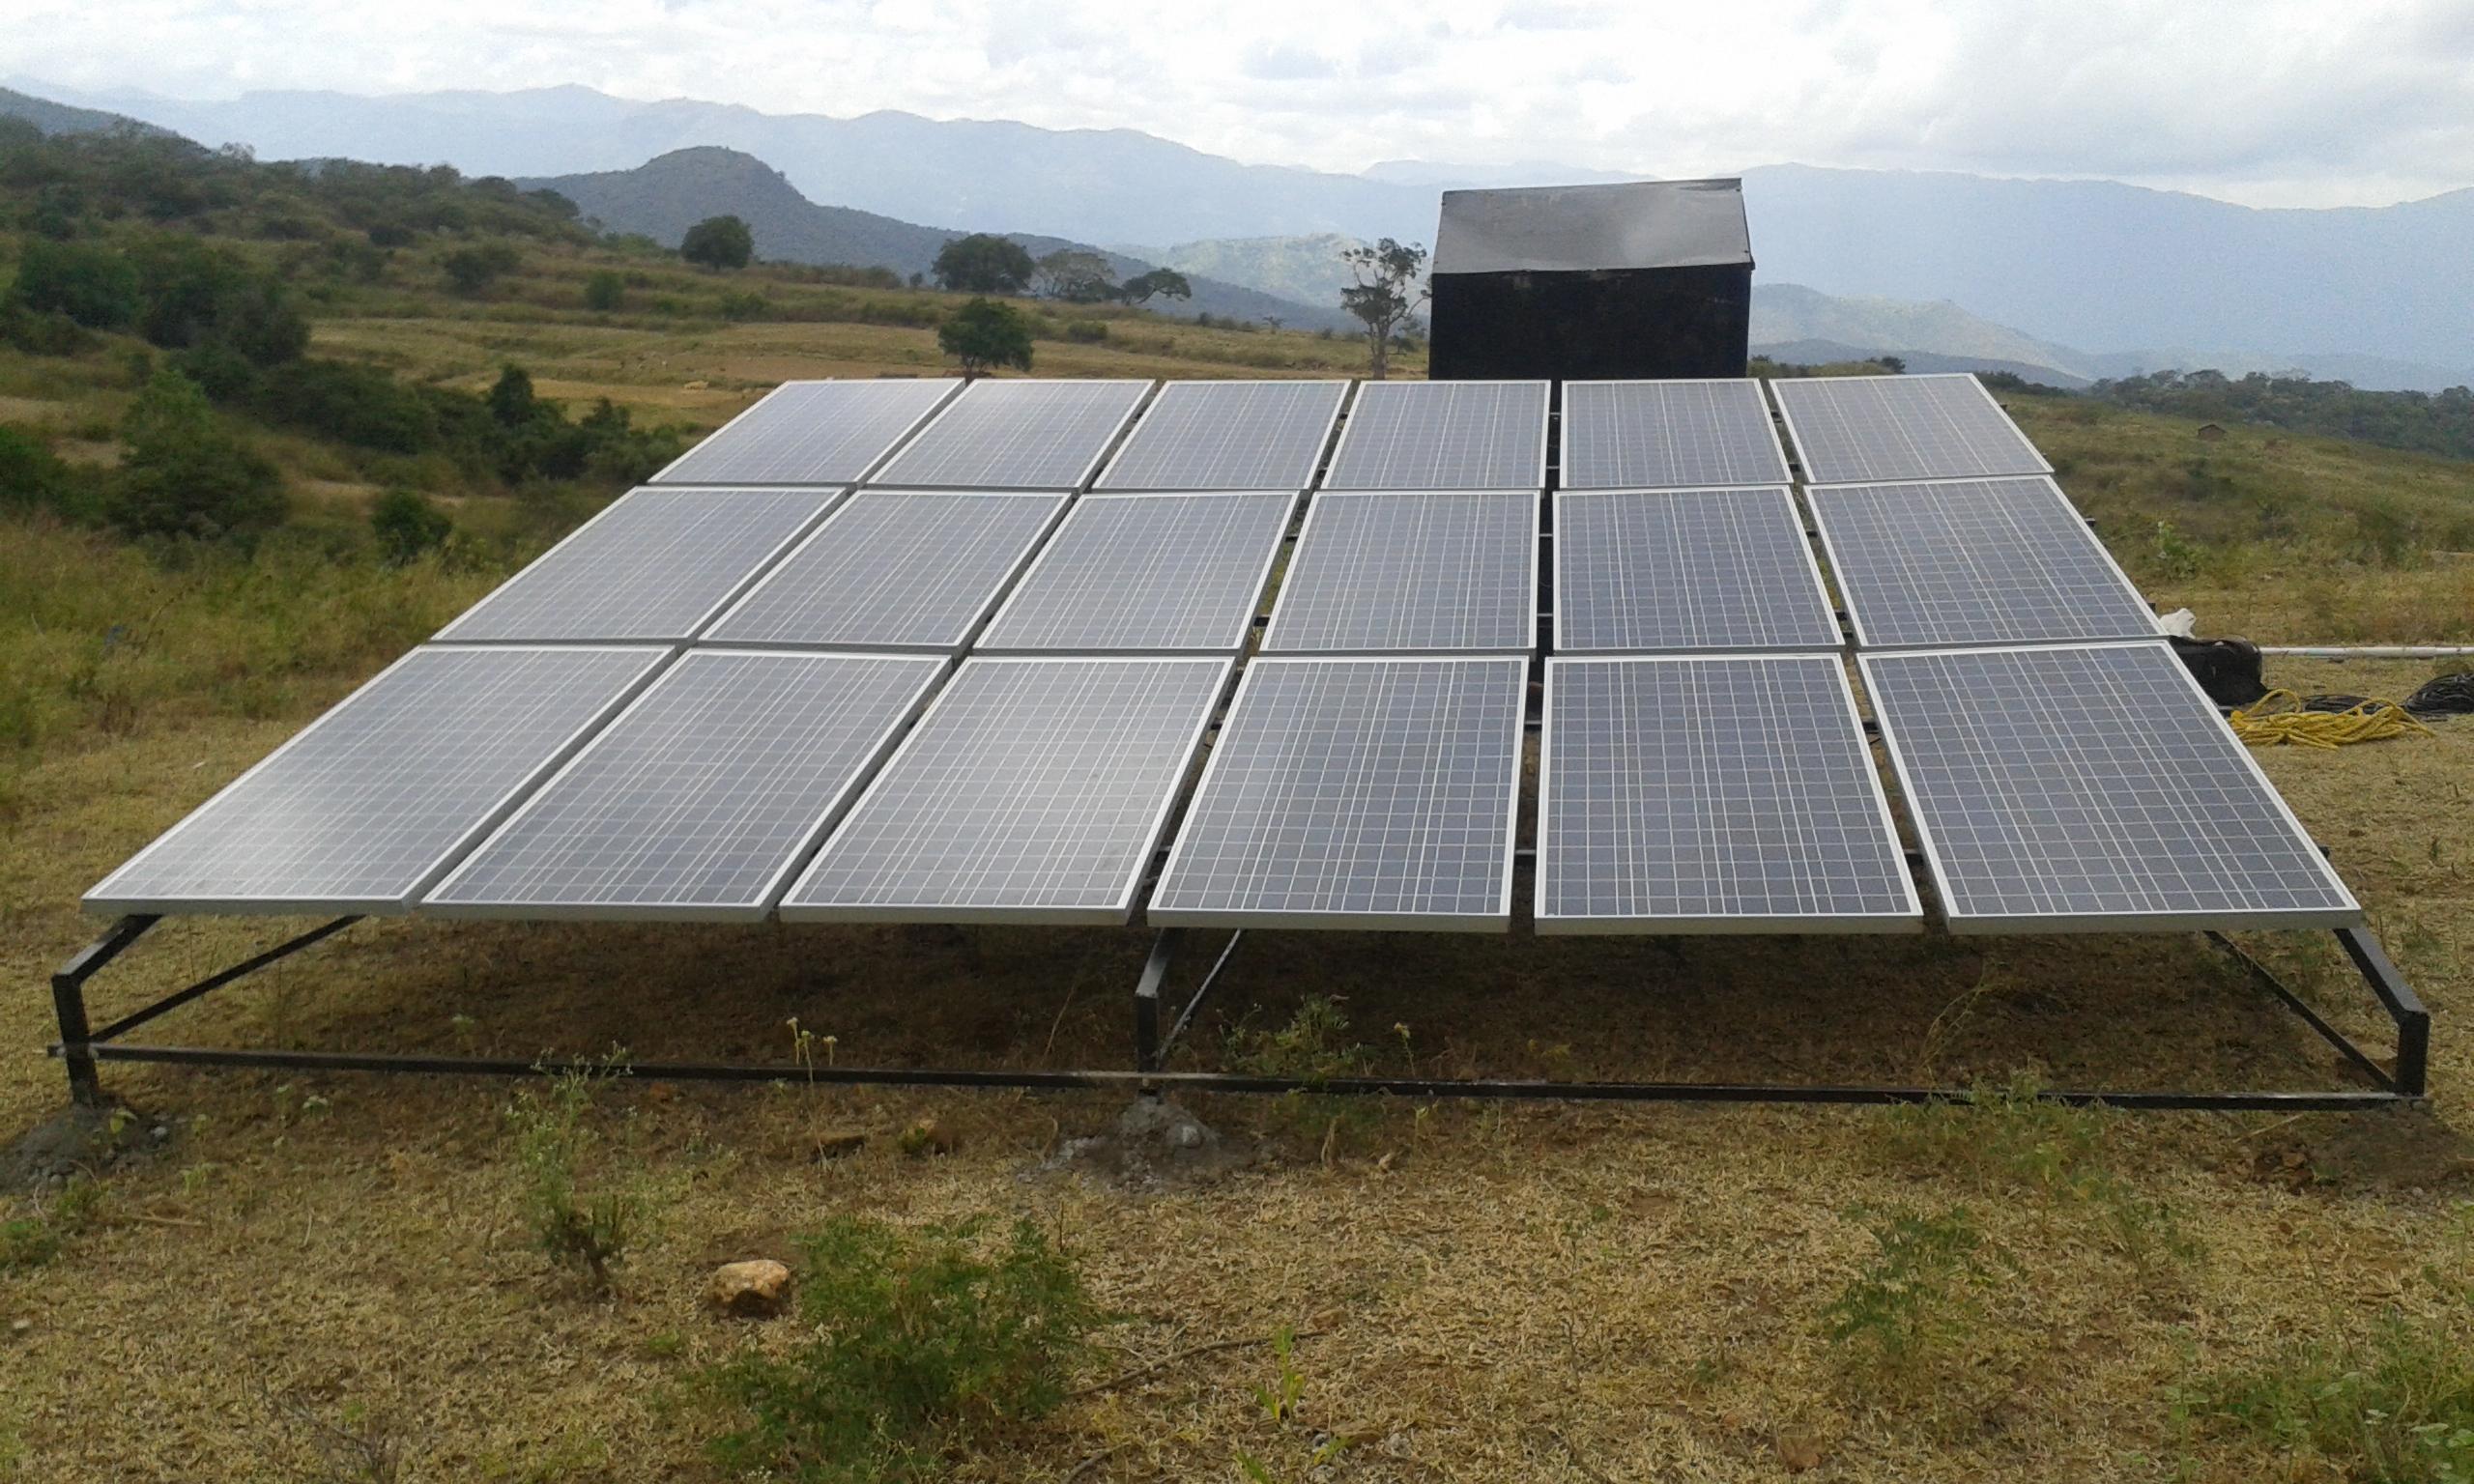 Sunfarm solar energy